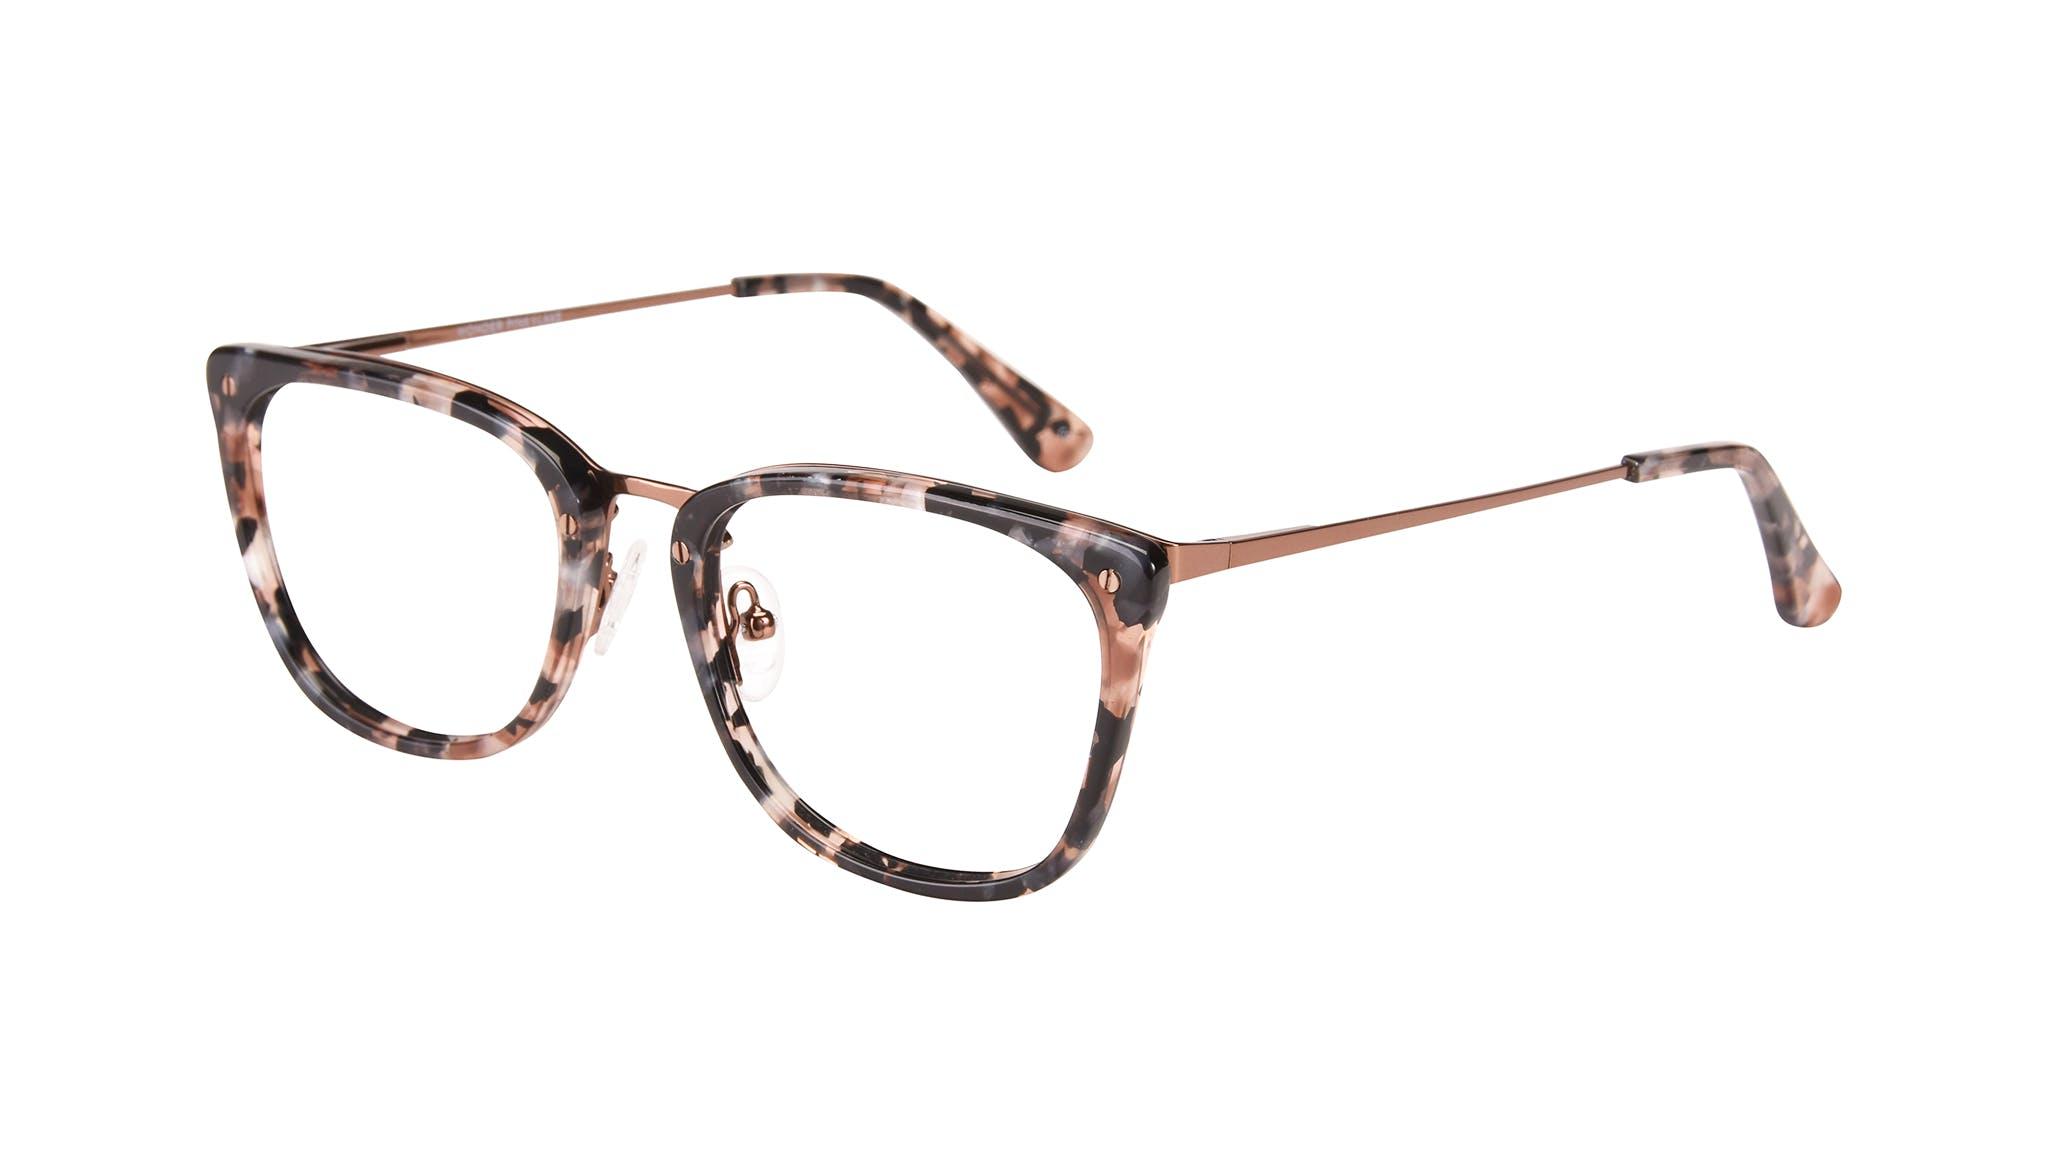 Affordable Fashion Glasses Rectangle Eyeglasses Women Wonder Pink Flake Tilt